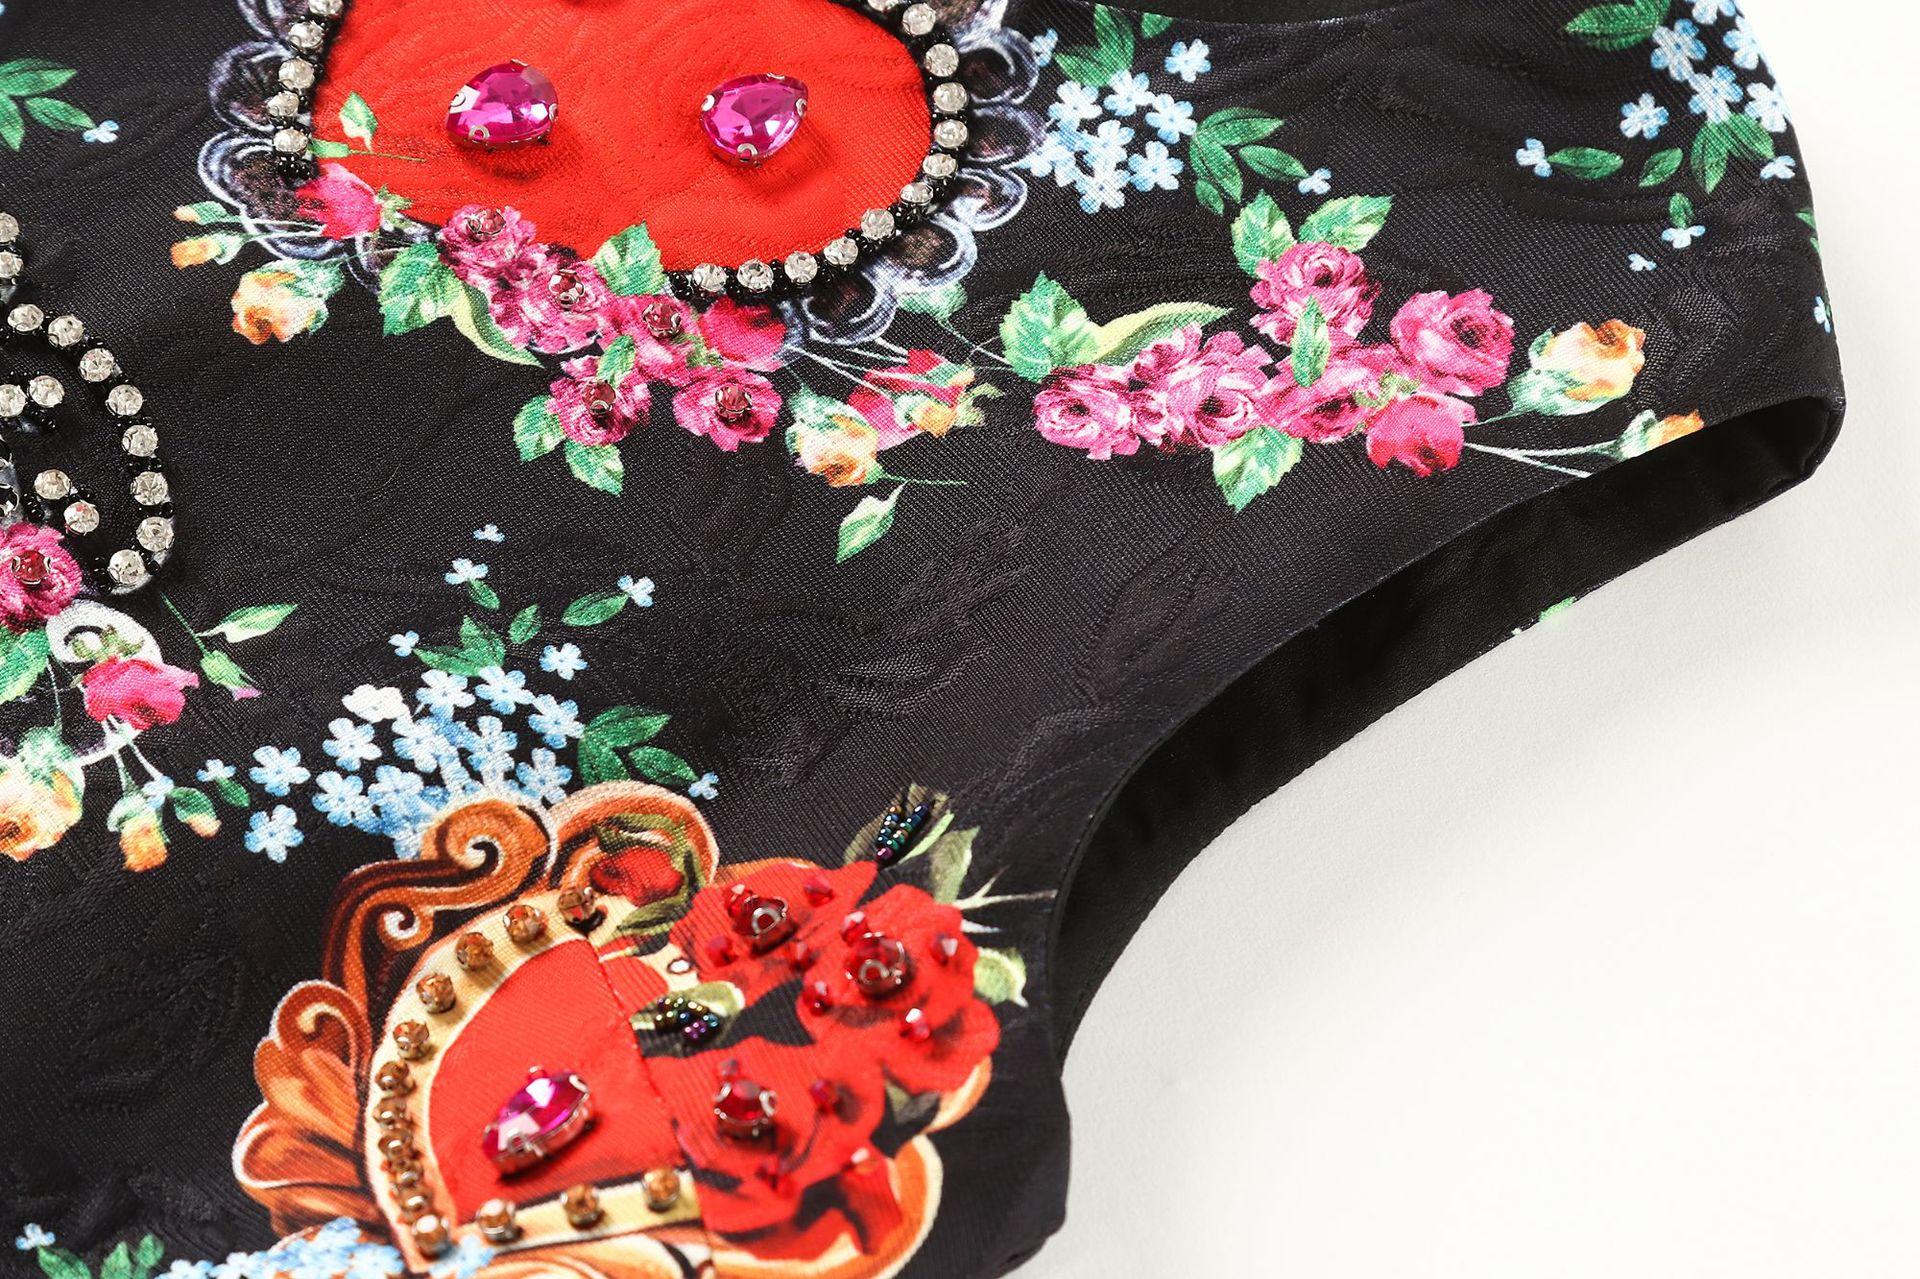 Femmes Noire 2018 Perles Noir Piste Gilet Élégante Manches Imprimé Qualité Qyfcioufu Mode Haute Robe Floral Designer Soirée Sans De xAgq00n81